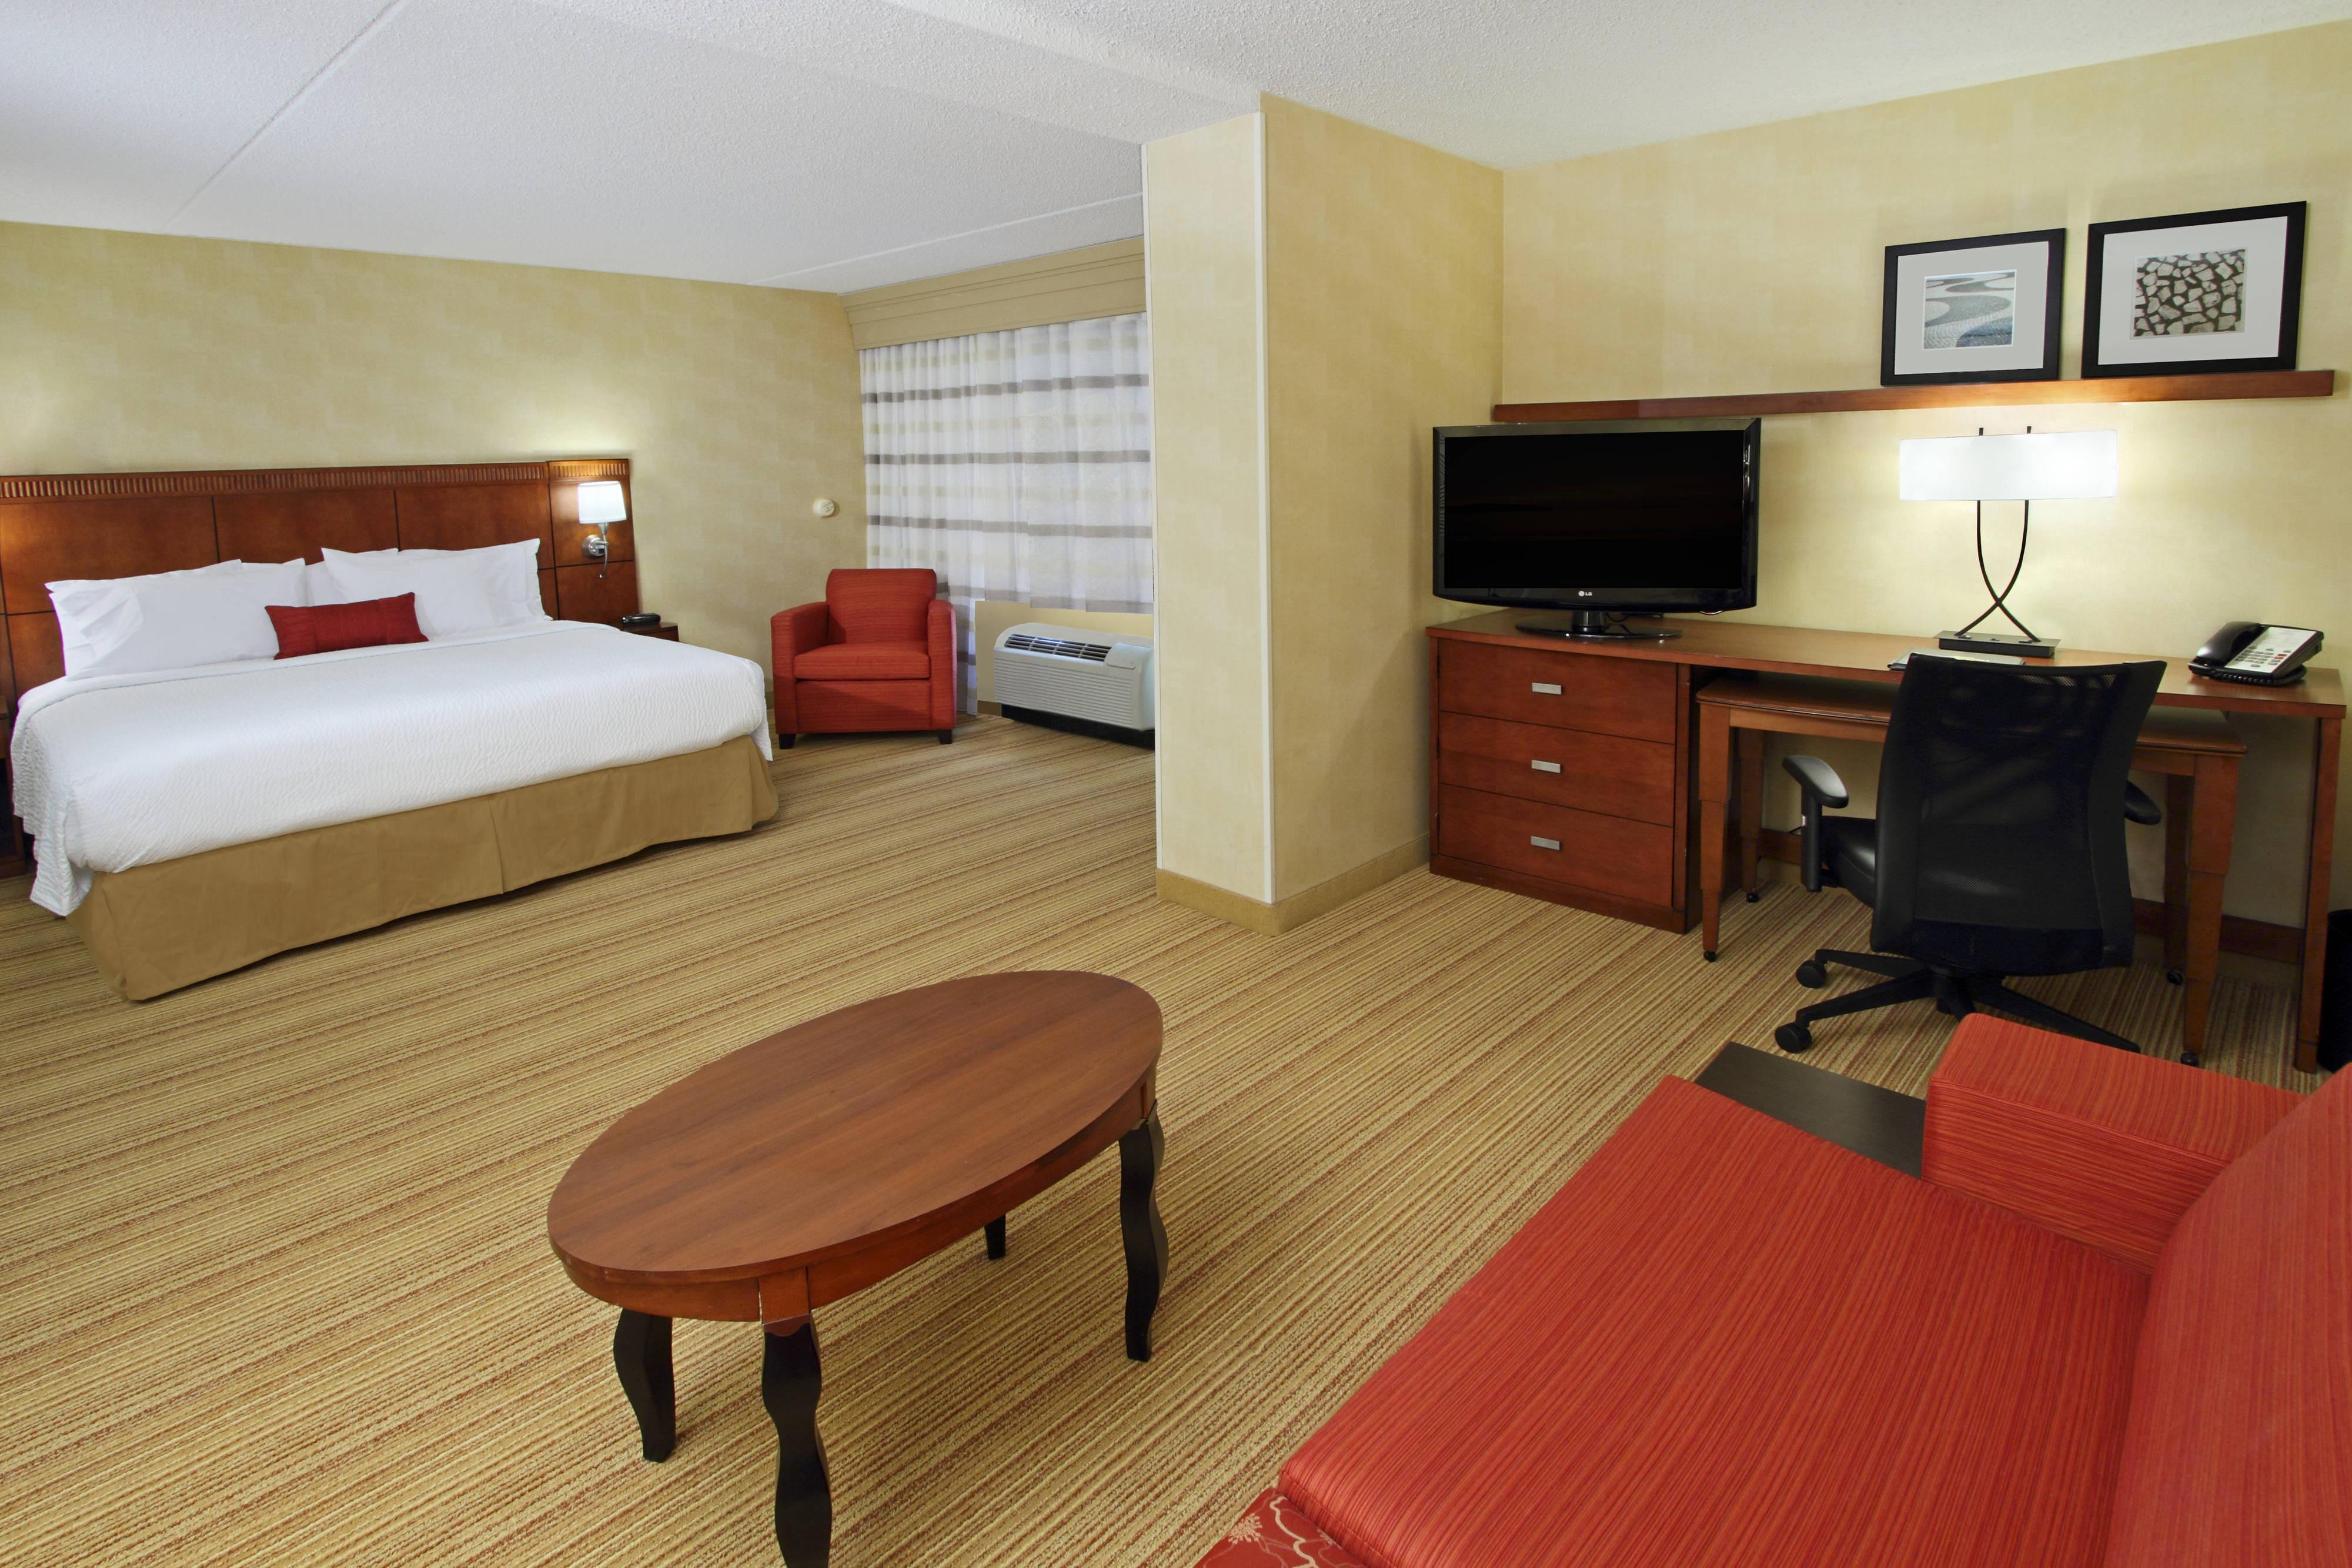 hardwood floor installation tampa of rockaway nj hotel rooms suites in mt arlington regarding king suite